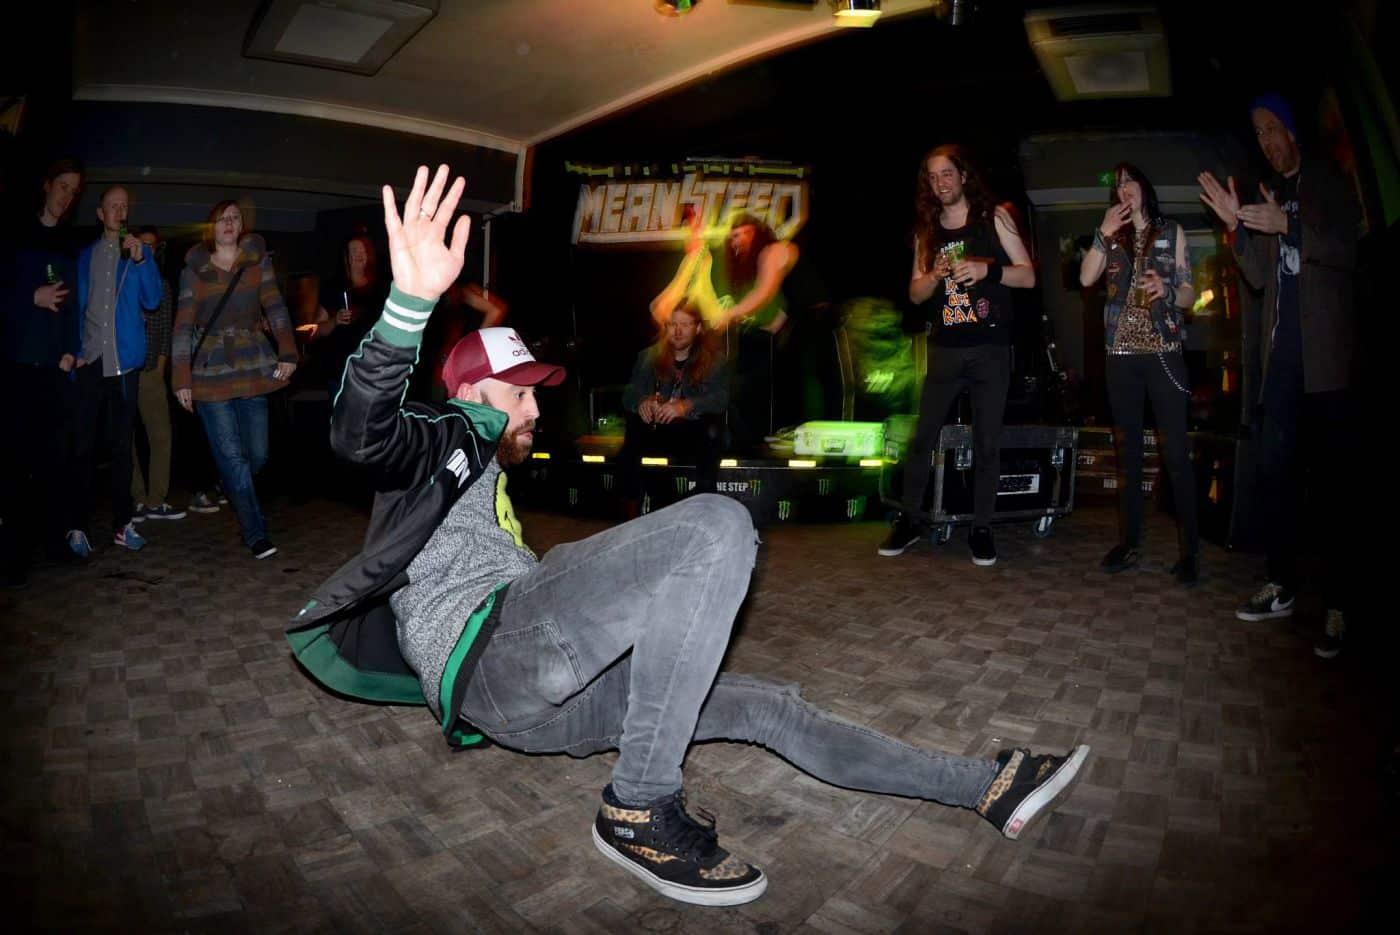 Tommy breakdancing